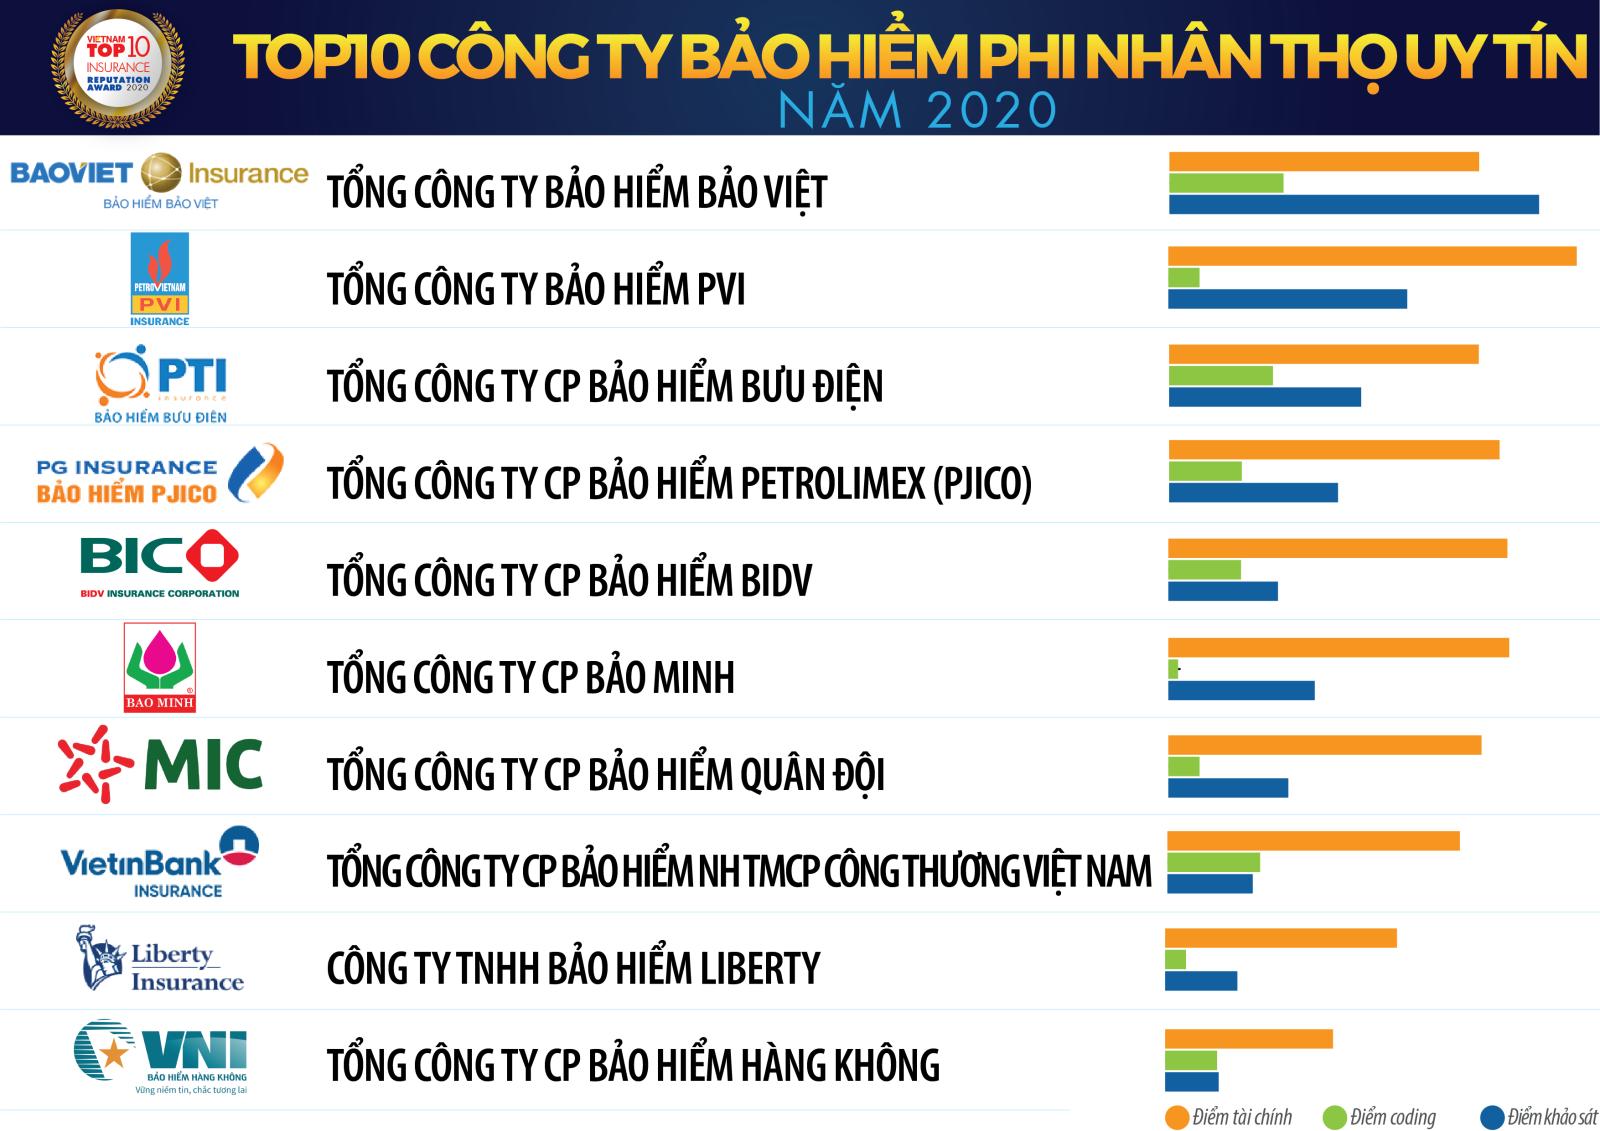 VNI trong TOP 10 công ty bảo hiểm uy tín năm 2020